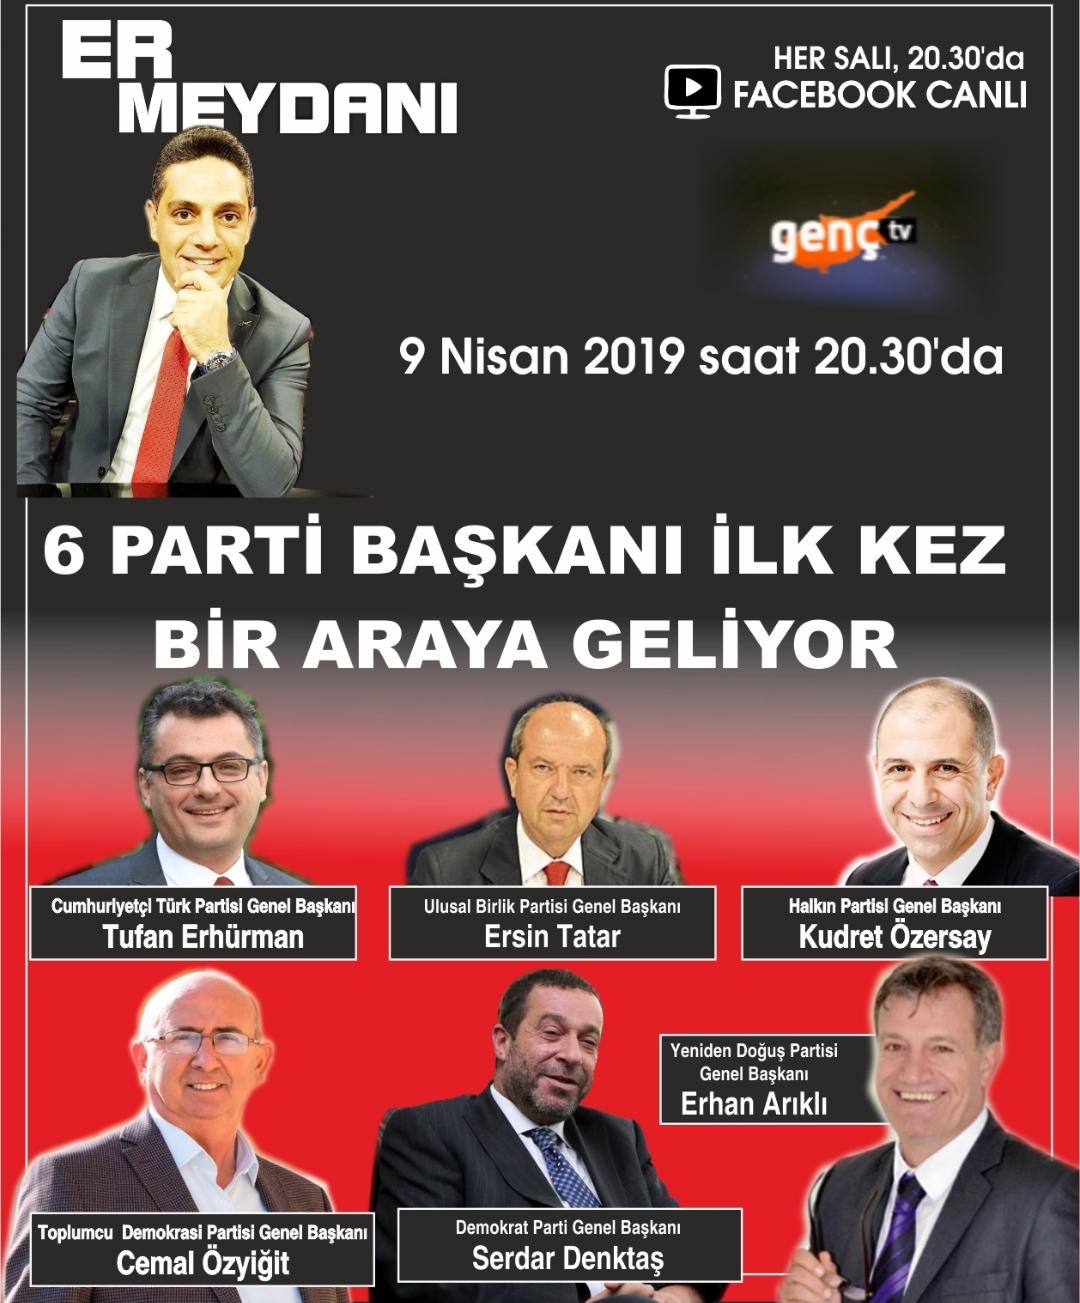 Altı parti başkanı Er Meydanı'na çıkıyor